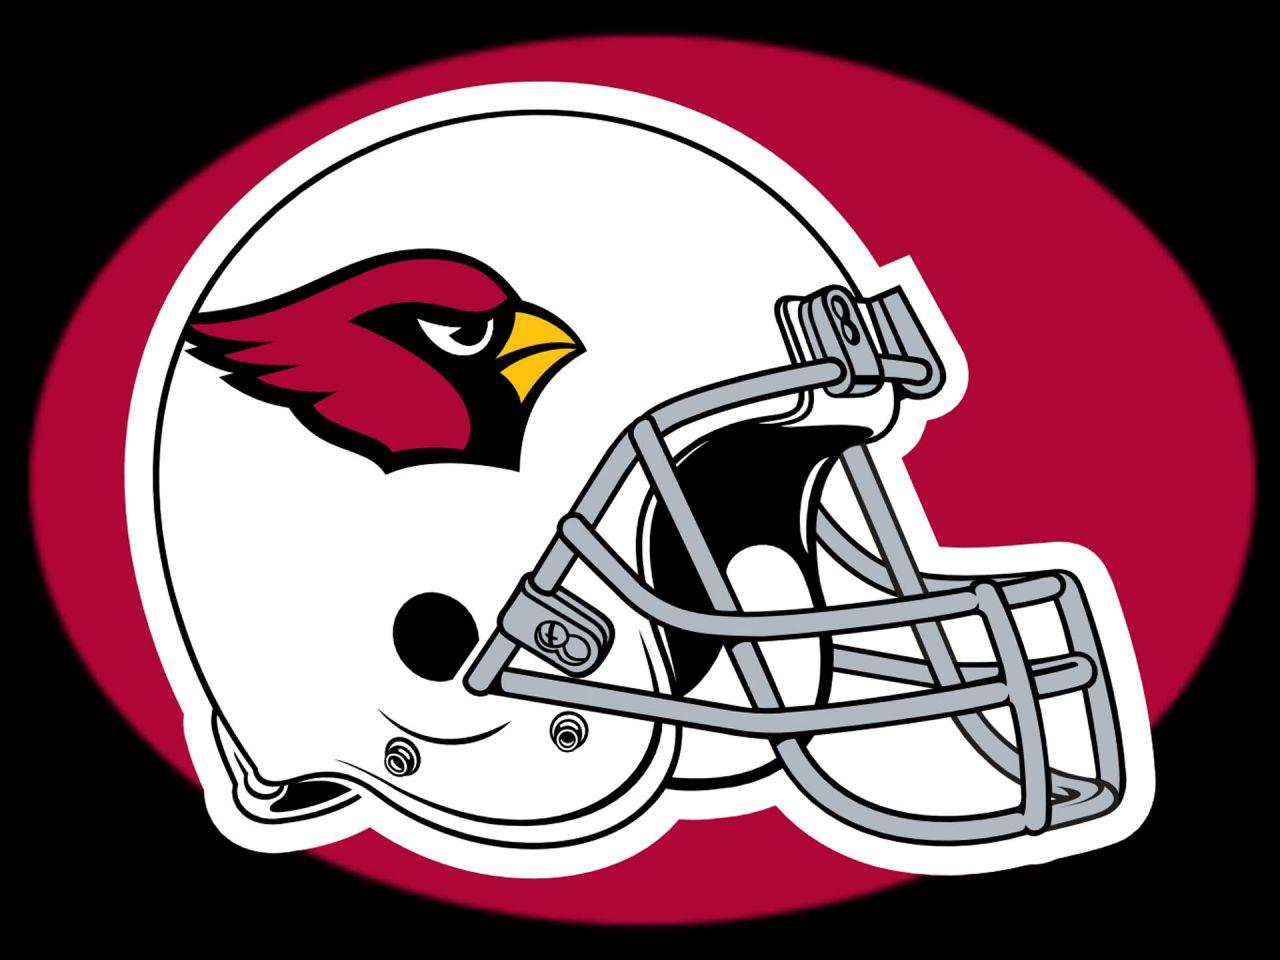 Cardinal clipart az cardinals. Arizona helmet and logo